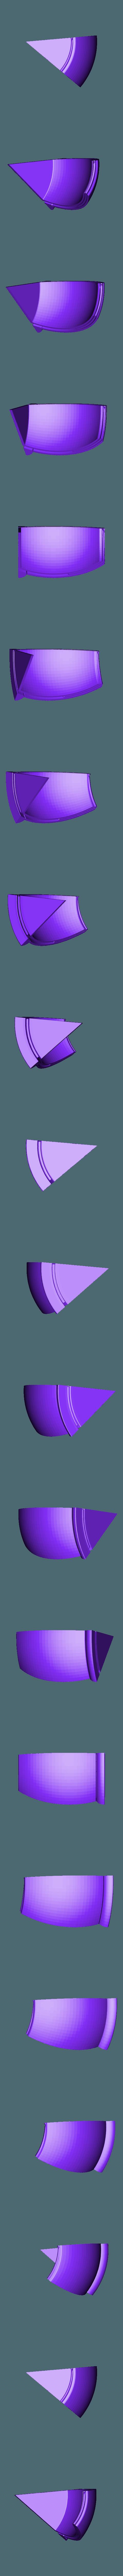 NS_Iris_Box_fuji4_8.stl Download free STL file Iris Box • 3D printer object, tofuji